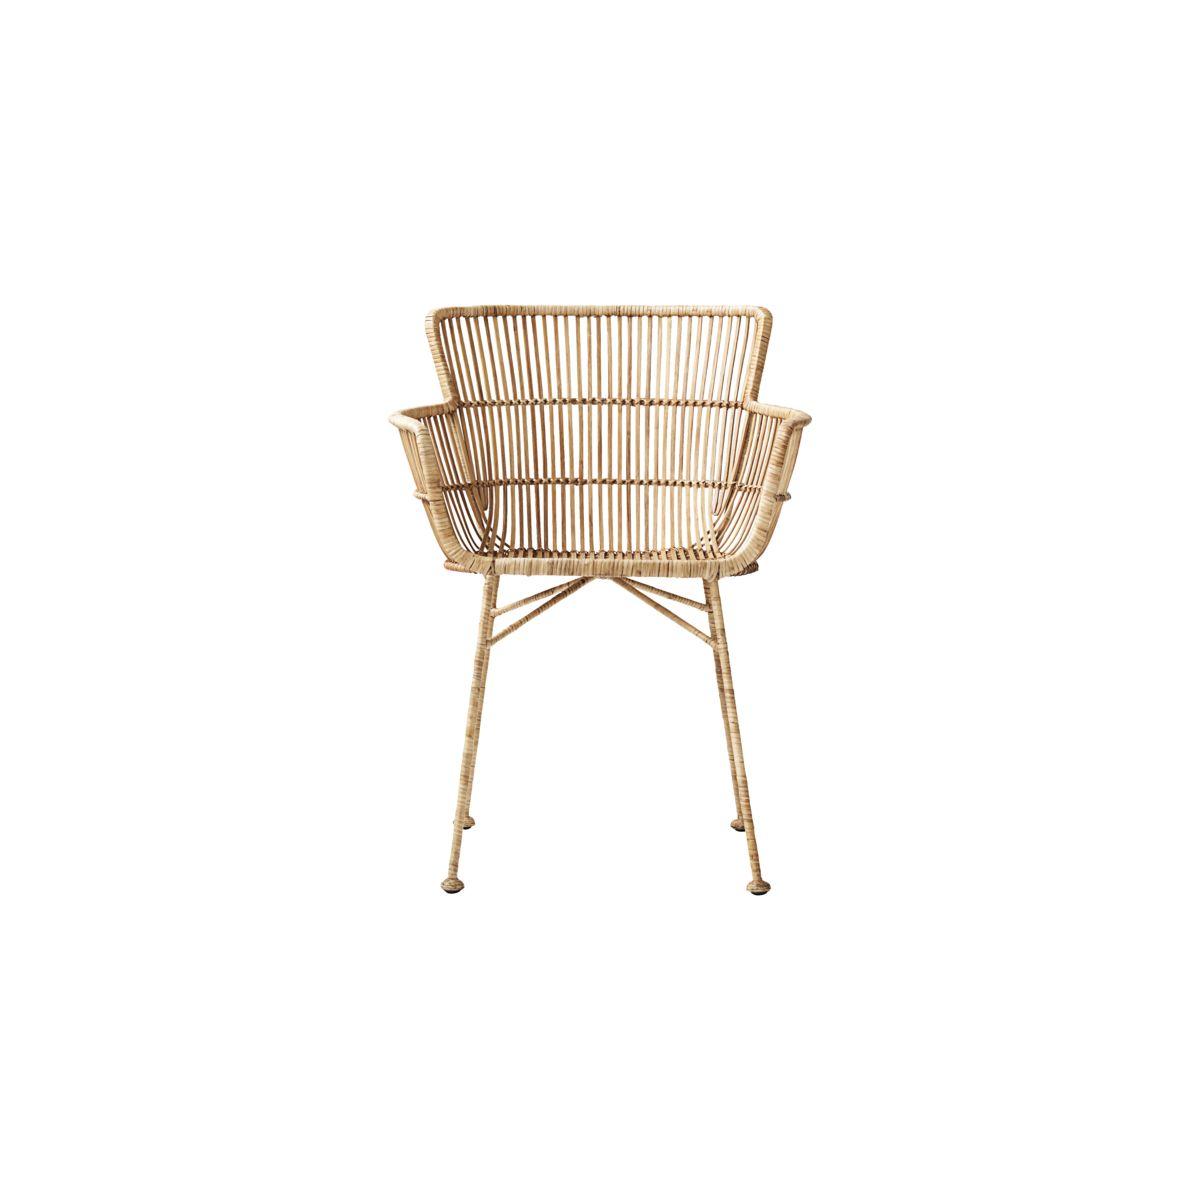 house doctor – House doctor coon spisebordsstol med armlæn, natur, rattan på boboonline.dk